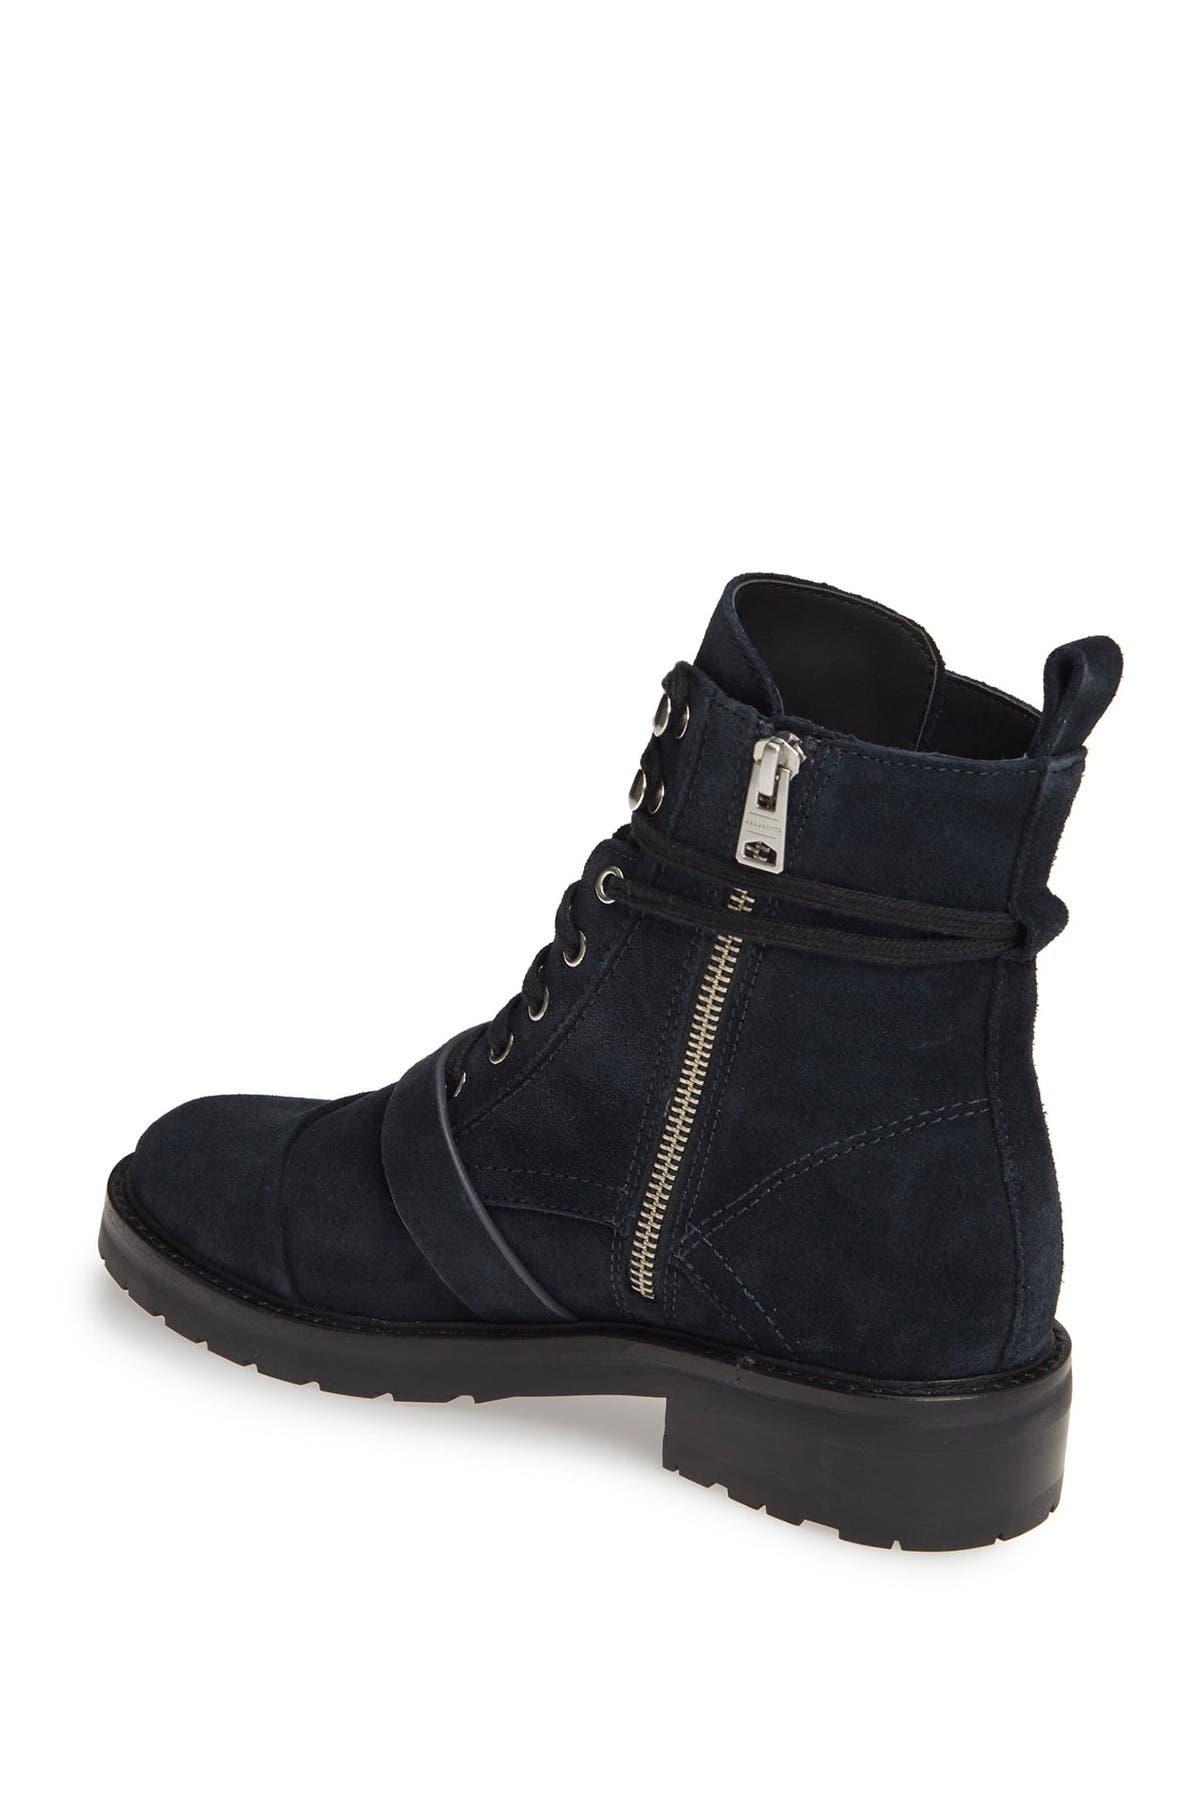 allsaints donita lace up boot